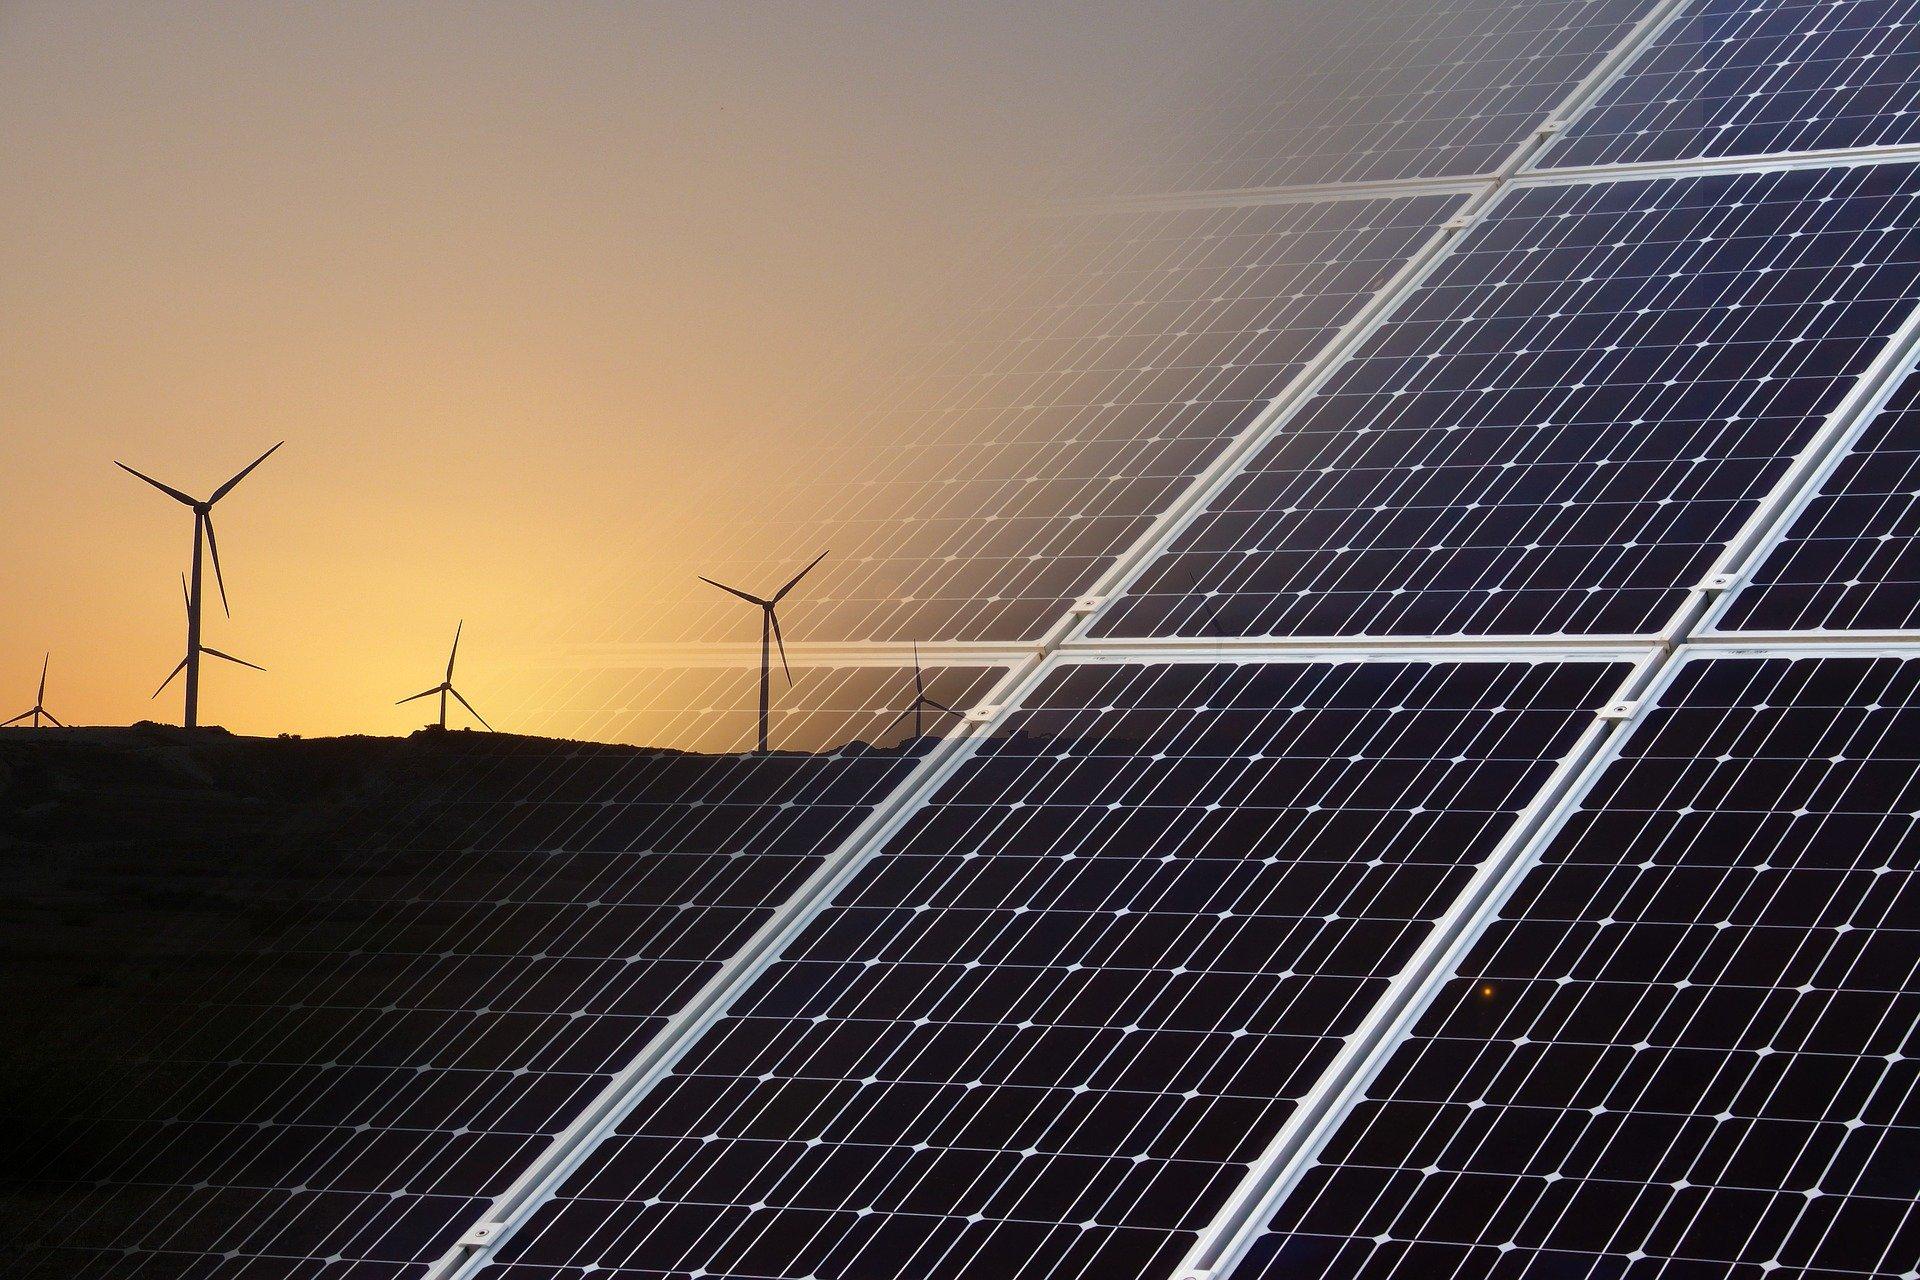 descarbonizacao-e-novas-tecnologias-o-que-se-espera-do-hidrogenio-verde-e-eolica-offshore